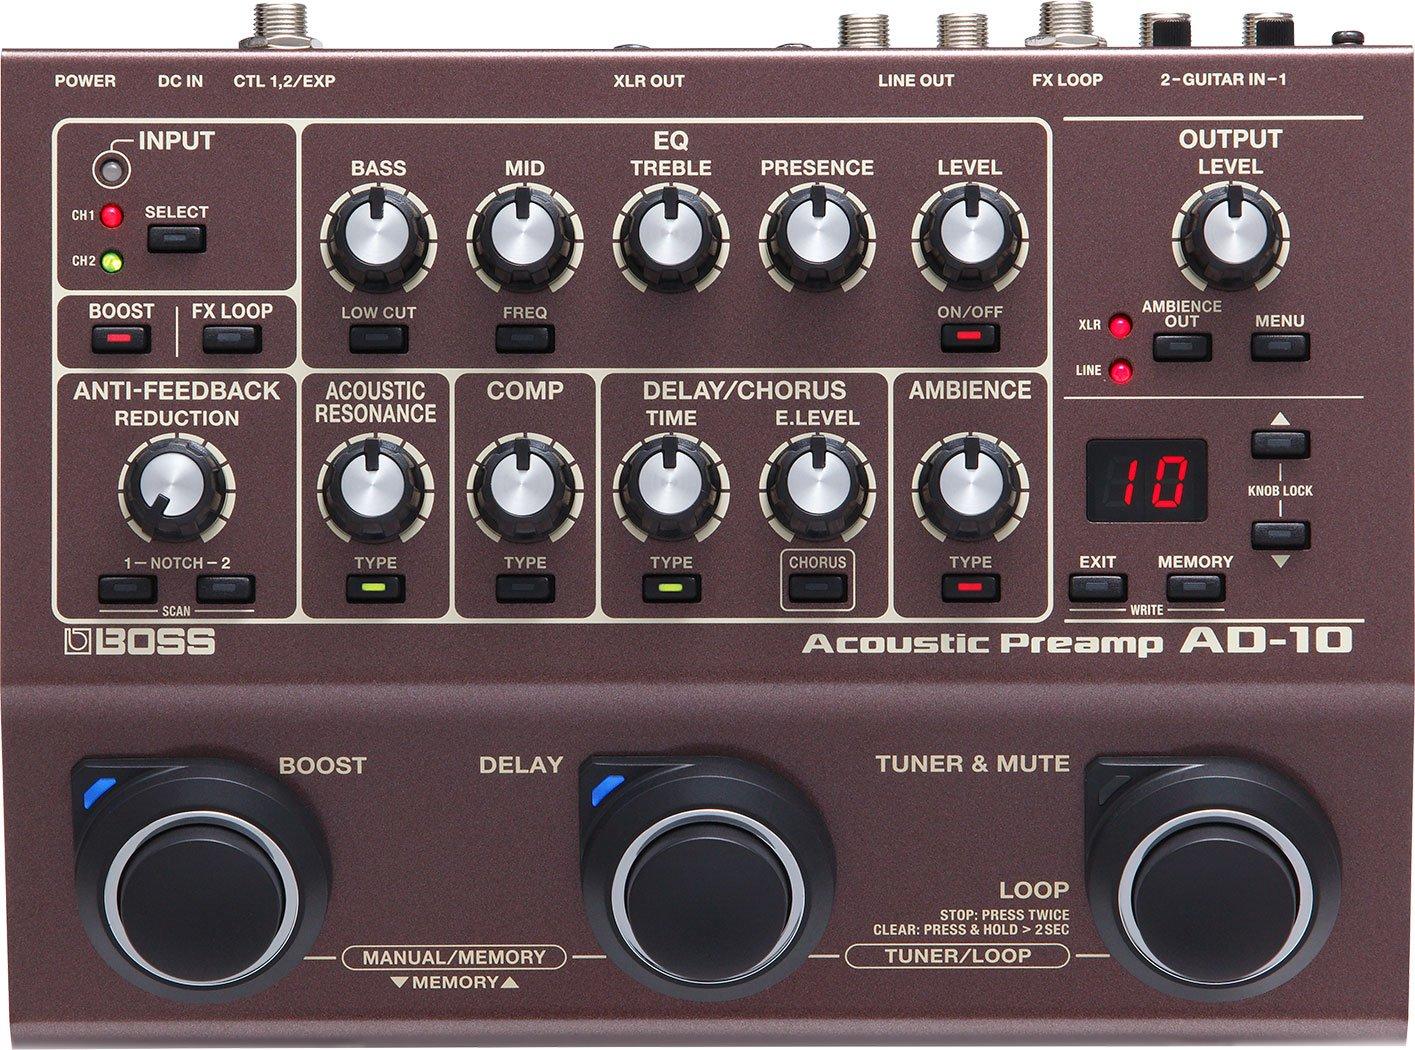 リンク:AD-10 Acoustic Preamp